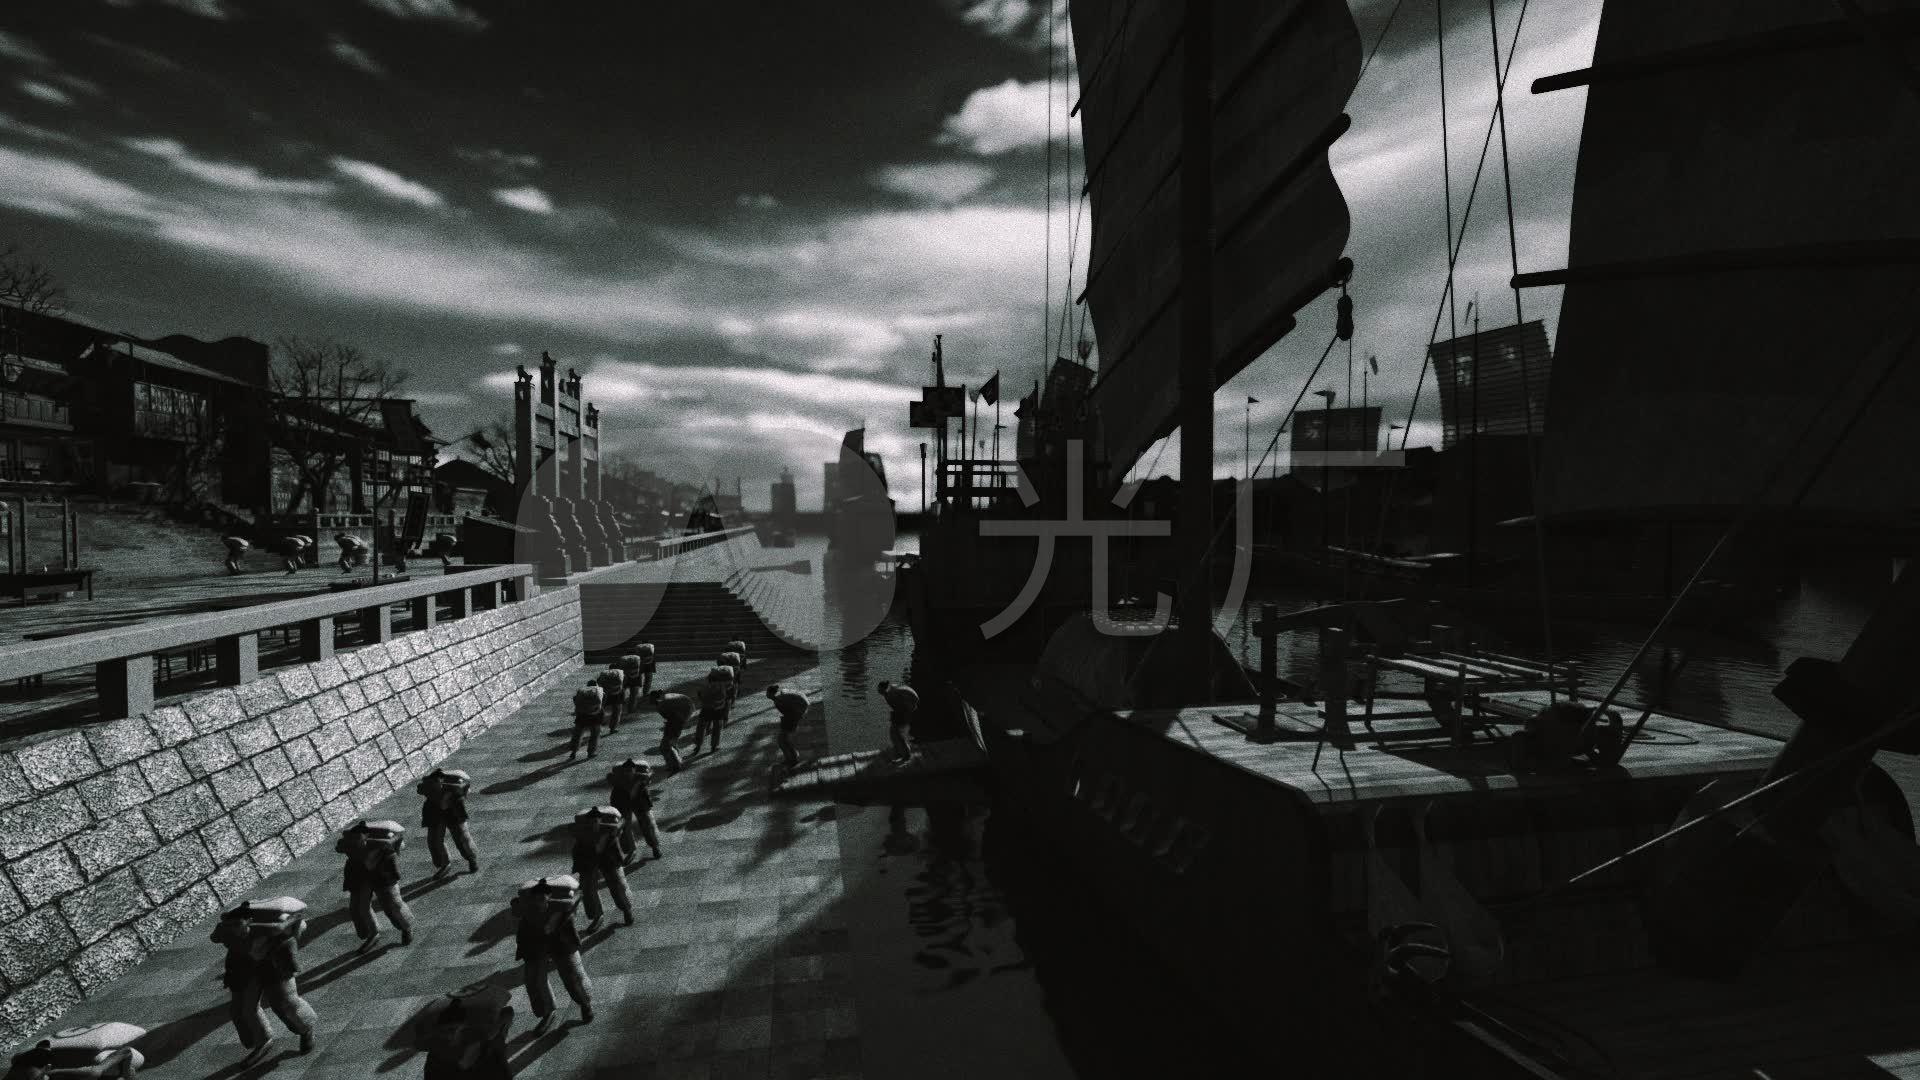 古代漕运繁华渡口码头搬运工船队动画